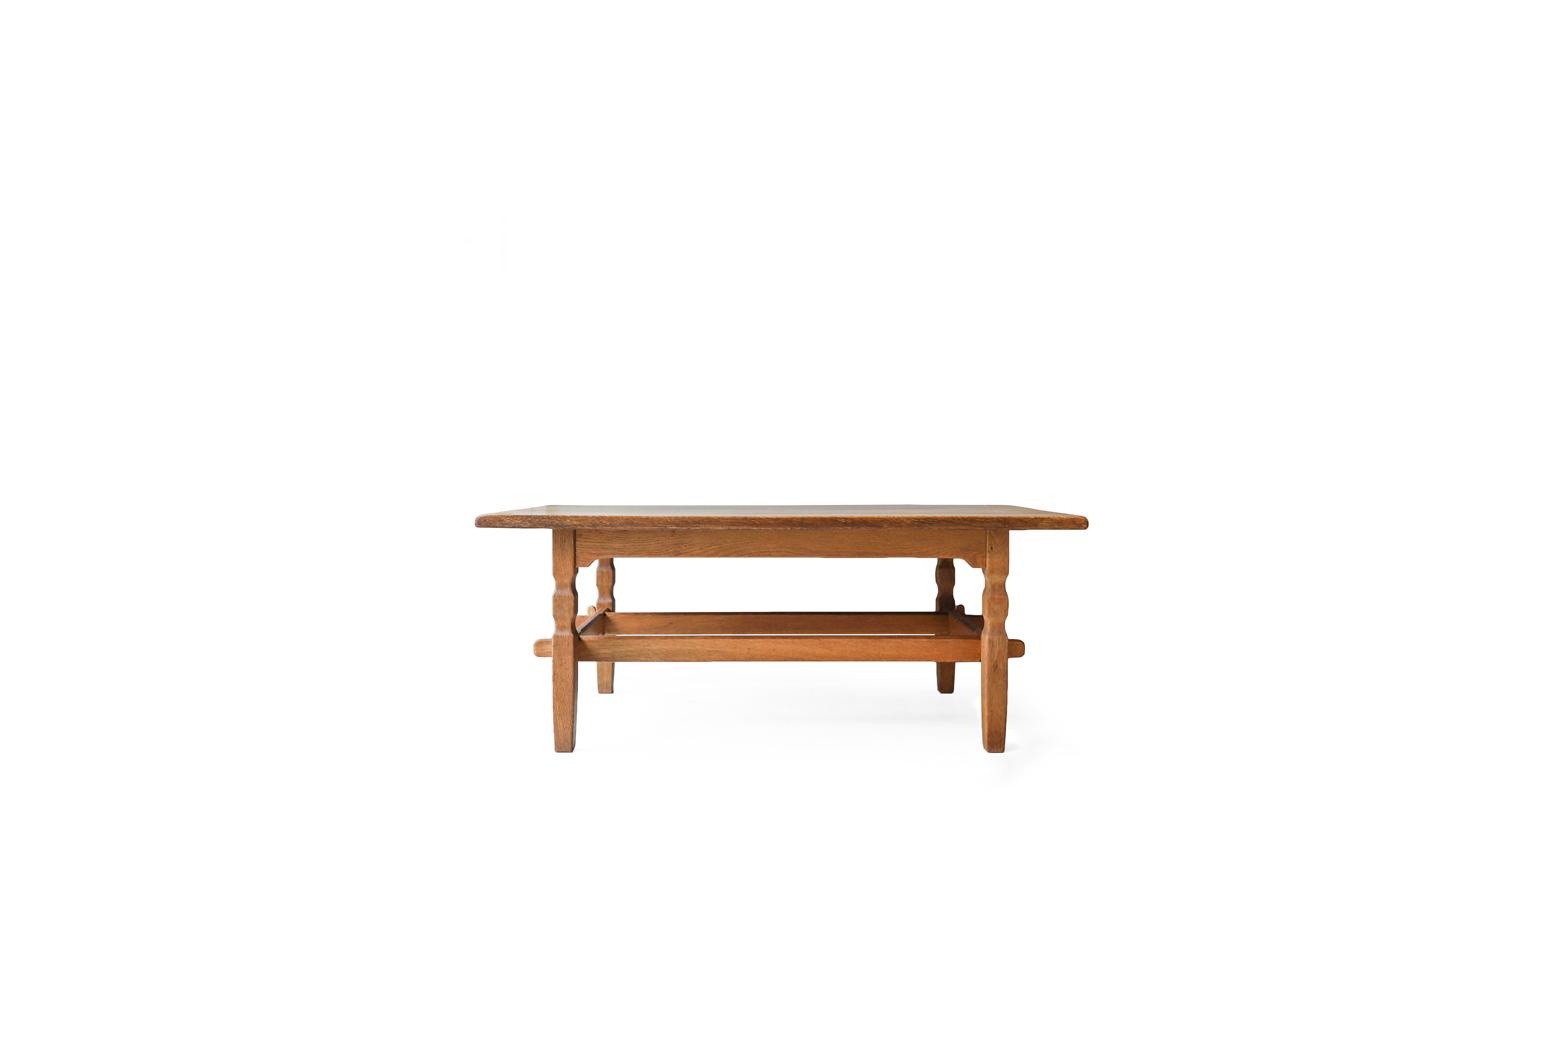 Denmark Vintage Center Table by Henning Kjaernulf  for EG KVALITETSMØBEL / デンマーク ヴィンテージ センターテーブル ナチュラル 北欧家具